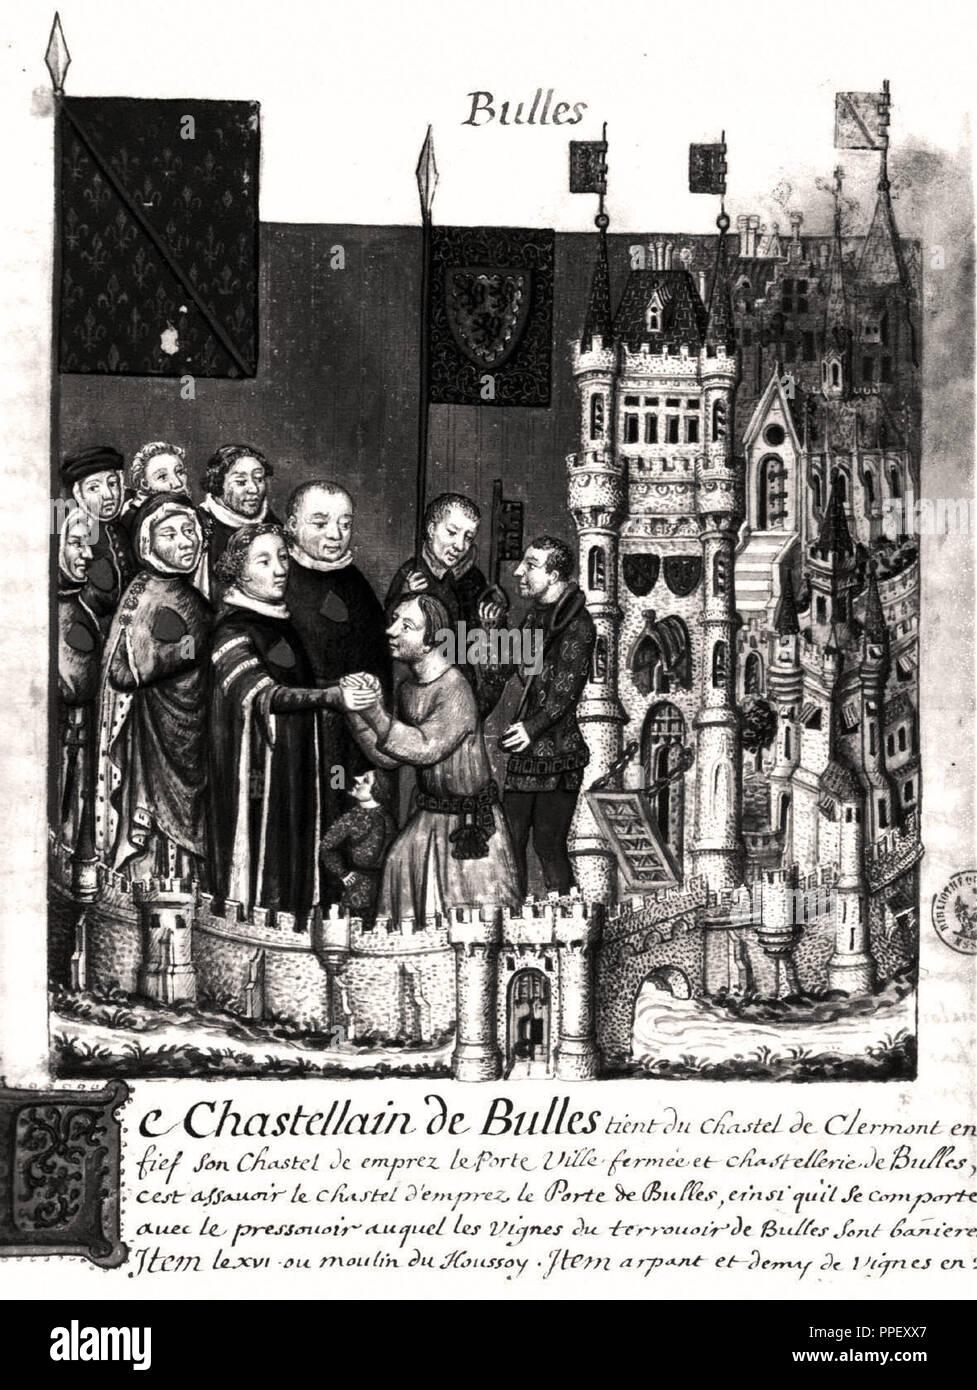 TRIBUTO AL CONDE DE CLERMONT EN BEAUBAISIS (1373-1376) - COPIA DE ROBERT DE GAIGNIERES, FOLIO 171 - TRIBUTO AL LORD DE BULL. Location: BIBLIOTECA DEL ARSENAL. France. Stock Photo